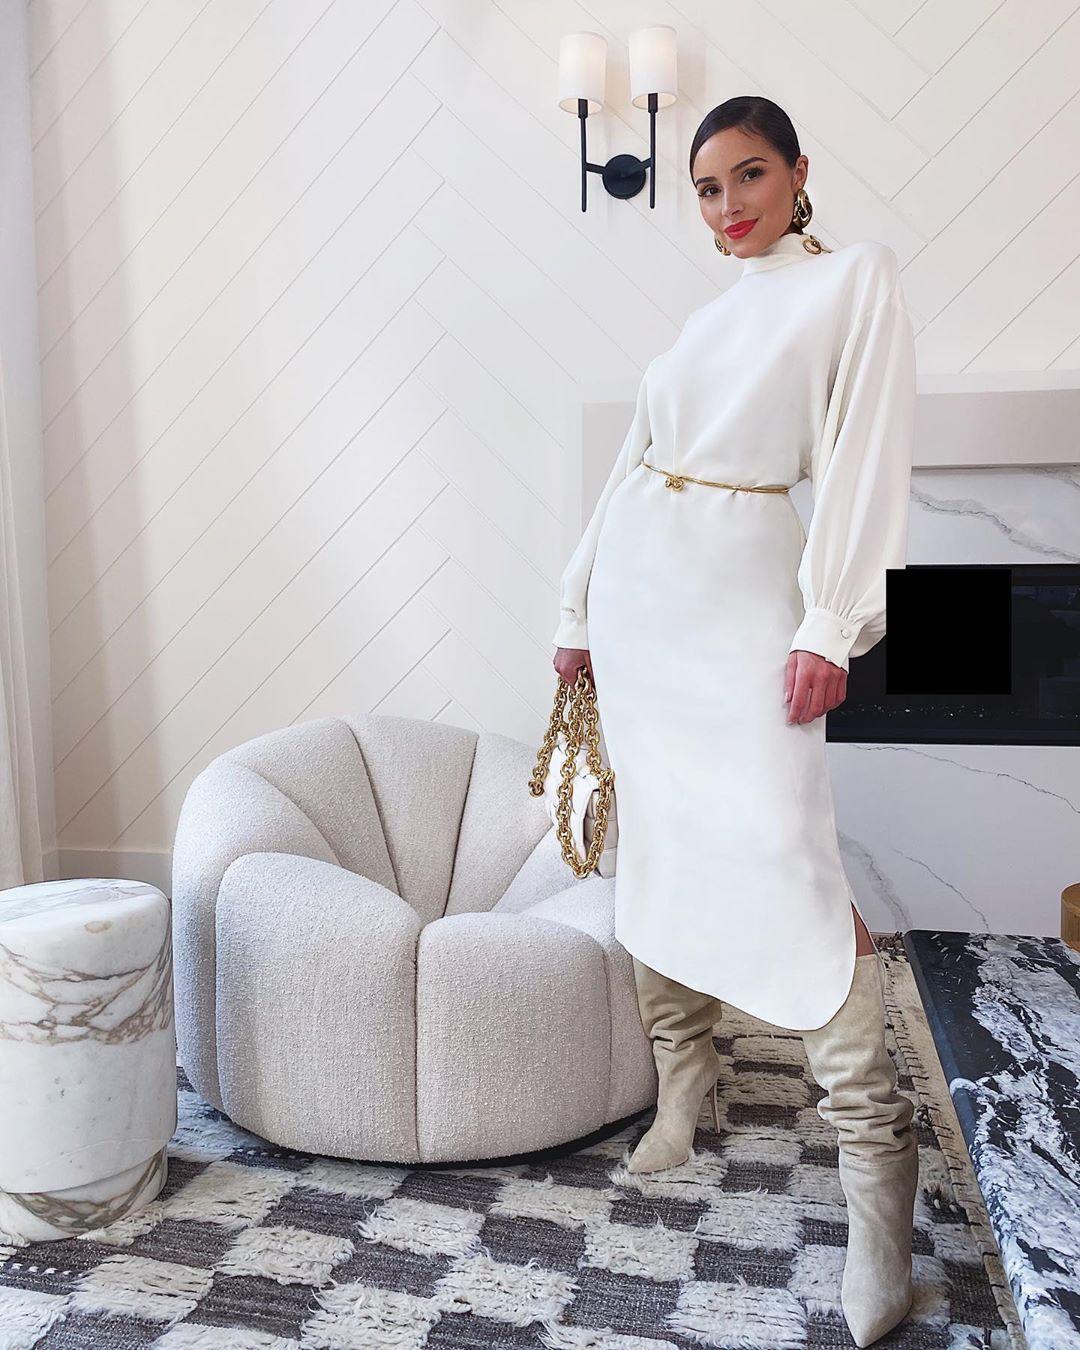 Tổng giá trị outfit Olivia Culpo mặc đi cà phê là 7737 USD, khoảng 180 triệu đồng.